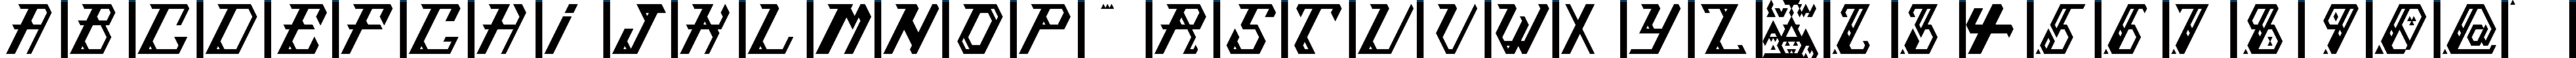 Particip-a-type v.307